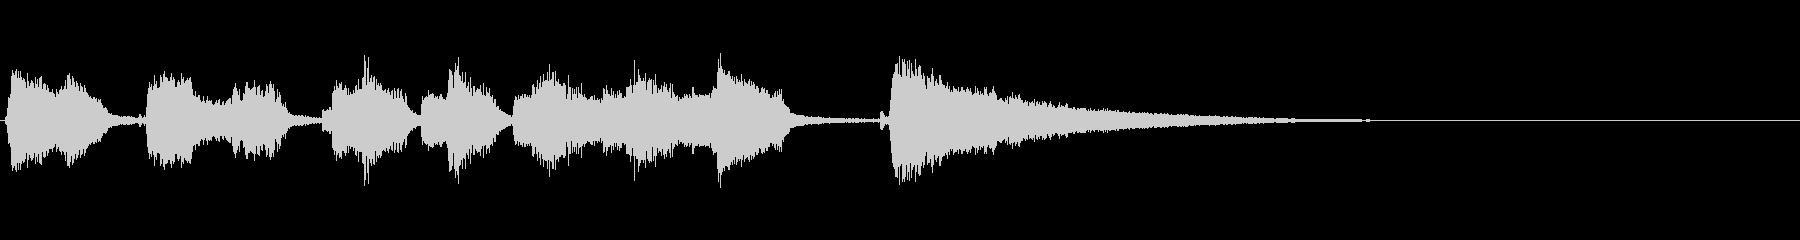 シンセとウクレレの明るいジングルの未再生の波形